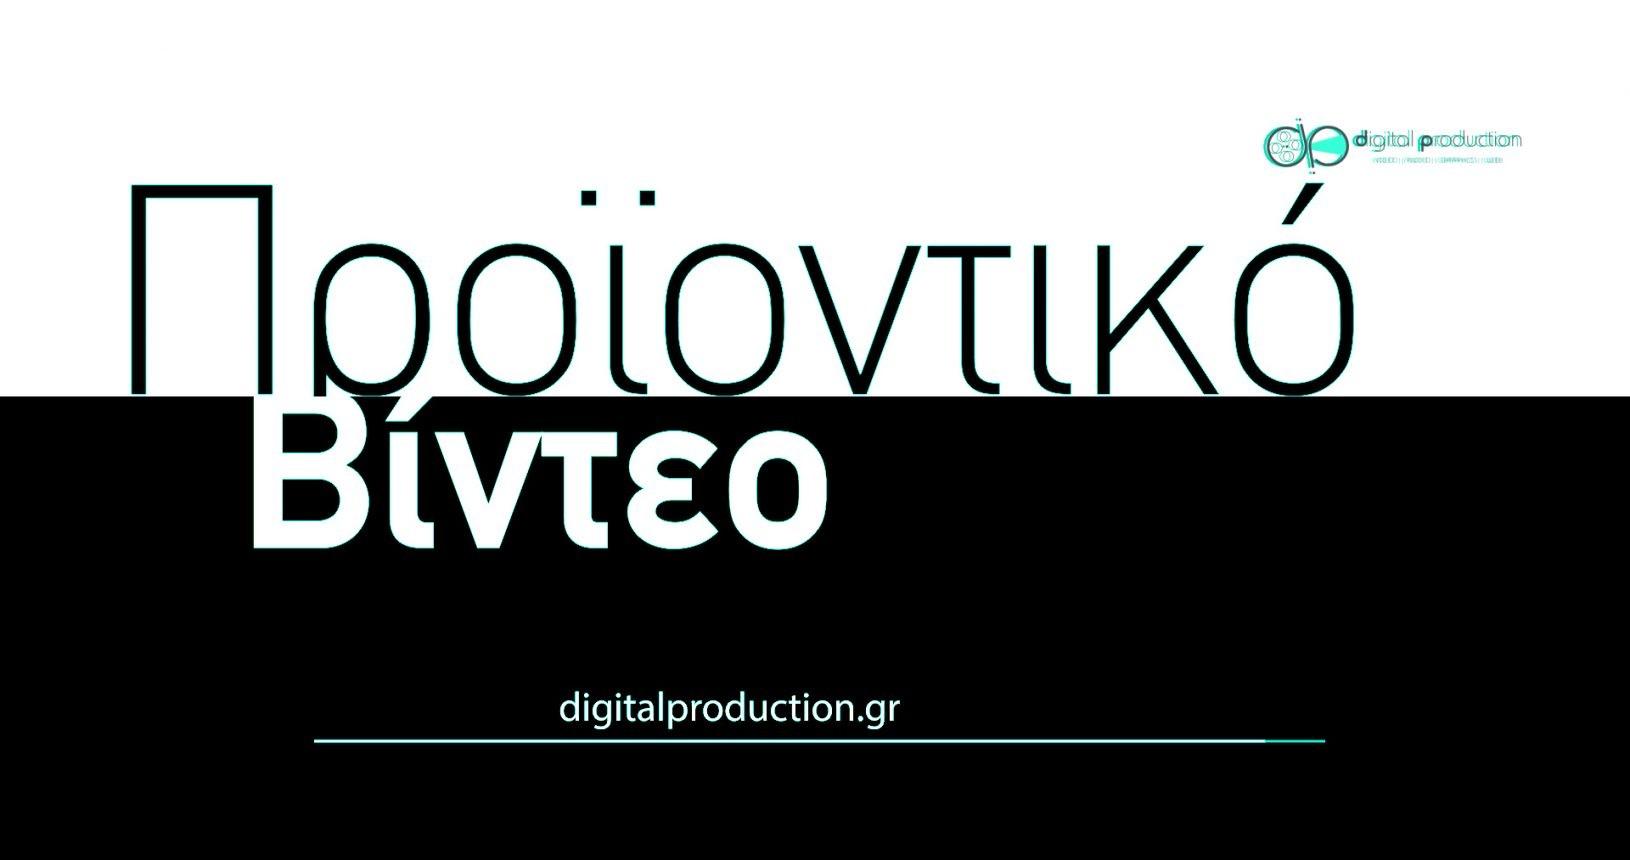 Δημιουργία προϊοντικού βίντεο | Digital Production